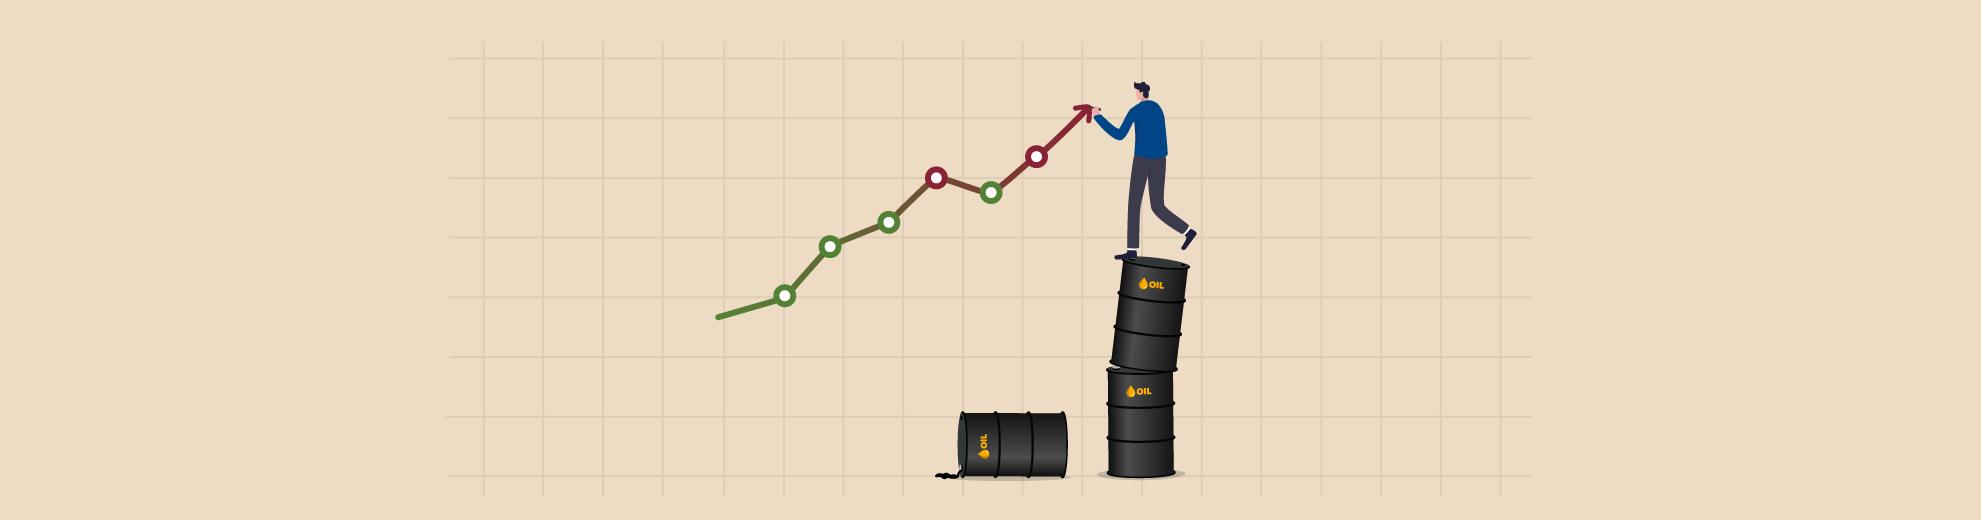 Par cik pieaugs inflācija Latvijā, ja globālās cenas turpinās kāpt?